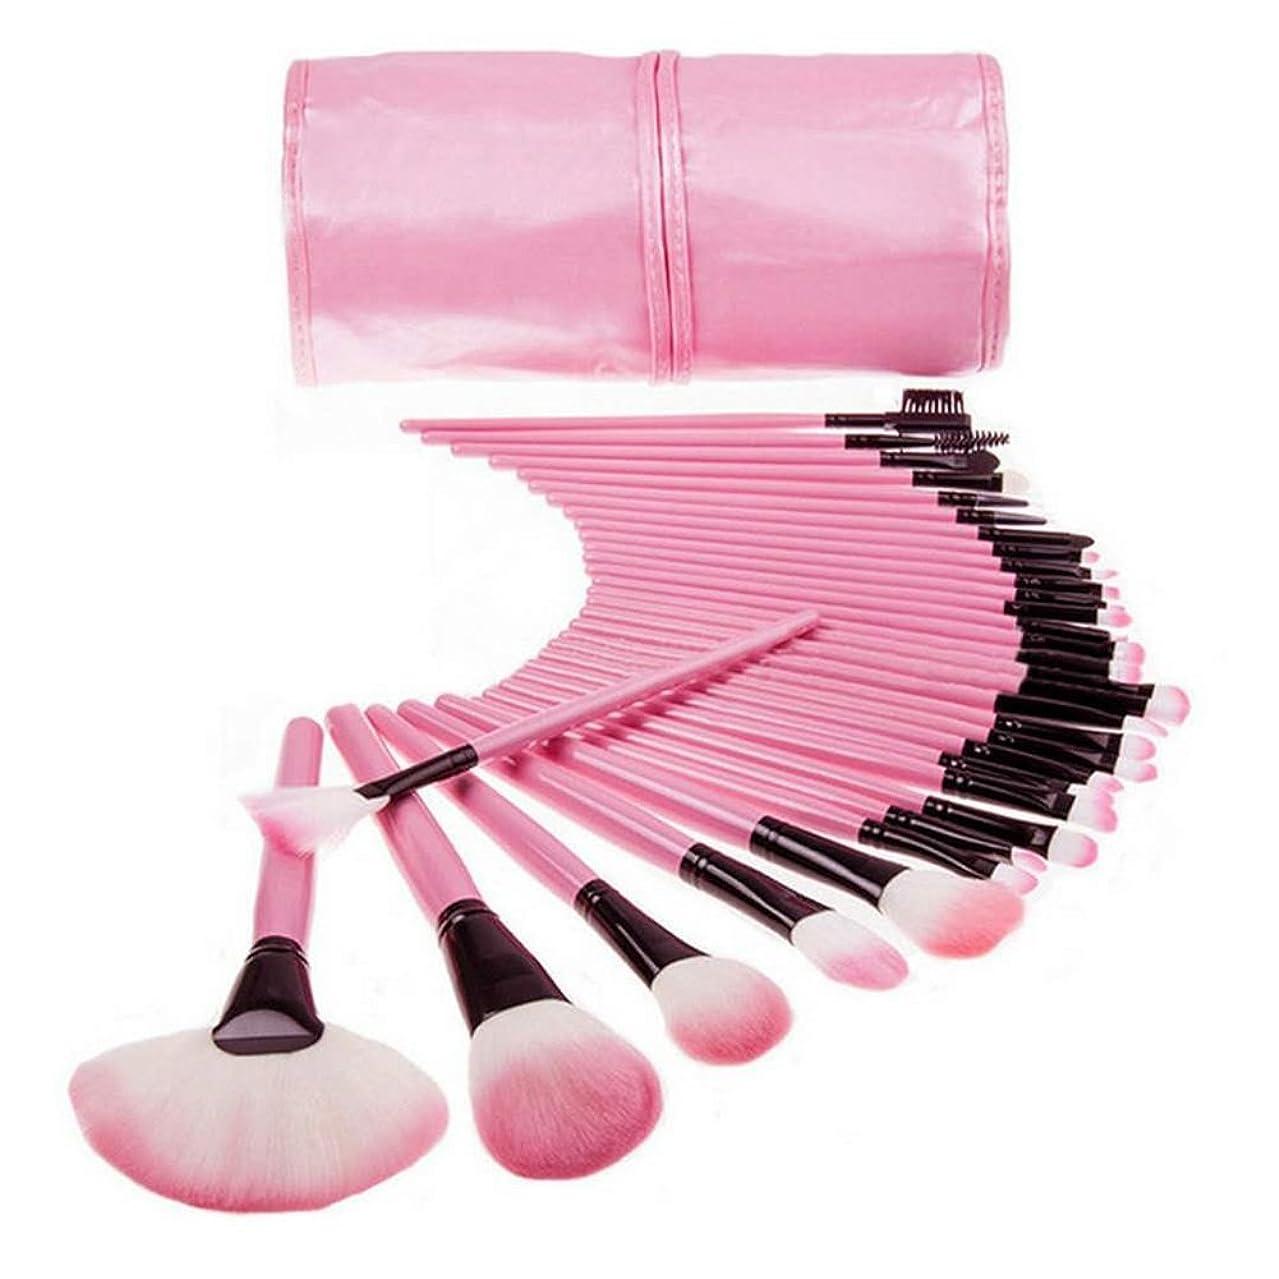 グッゲンハイム美術館オーケストラロボットメイクブラシ、32個/セットピンクハンドルファンデーションブラシブレンドパウダーアイシャドーコンターコンシーラー美容コスメティックチークブラシツールキット (Color : Pink)